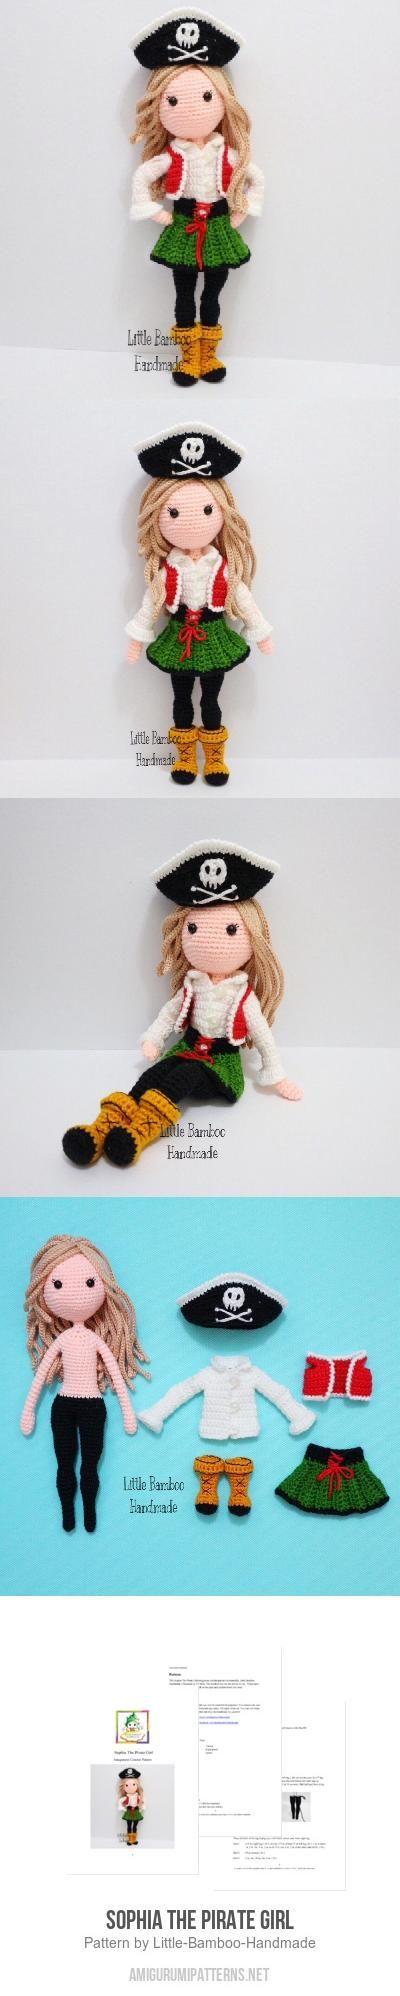 Sophia The Pirate Girl amigurumi pattern